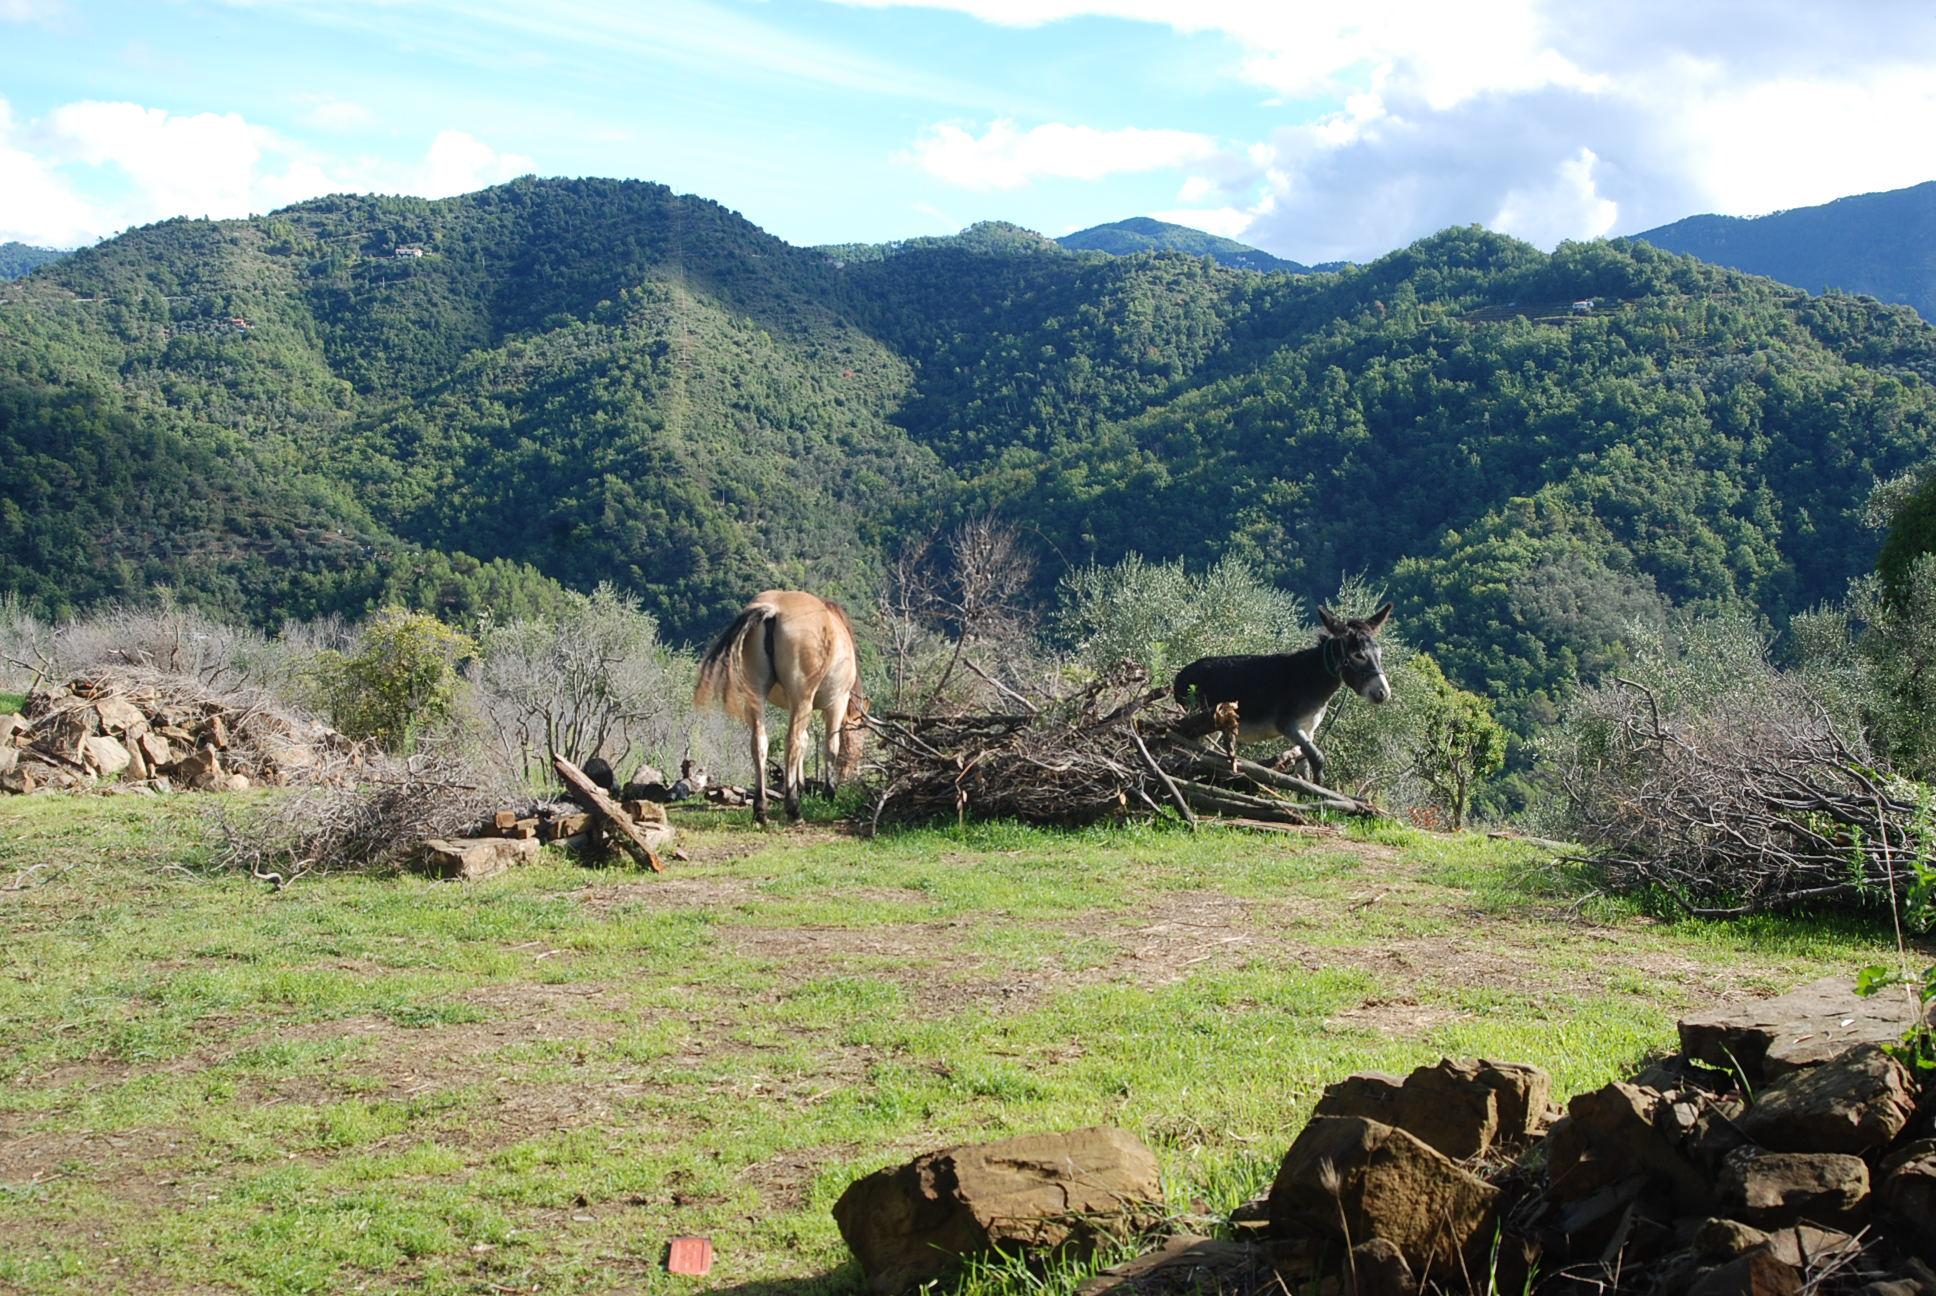 cavallo & asino in campagna